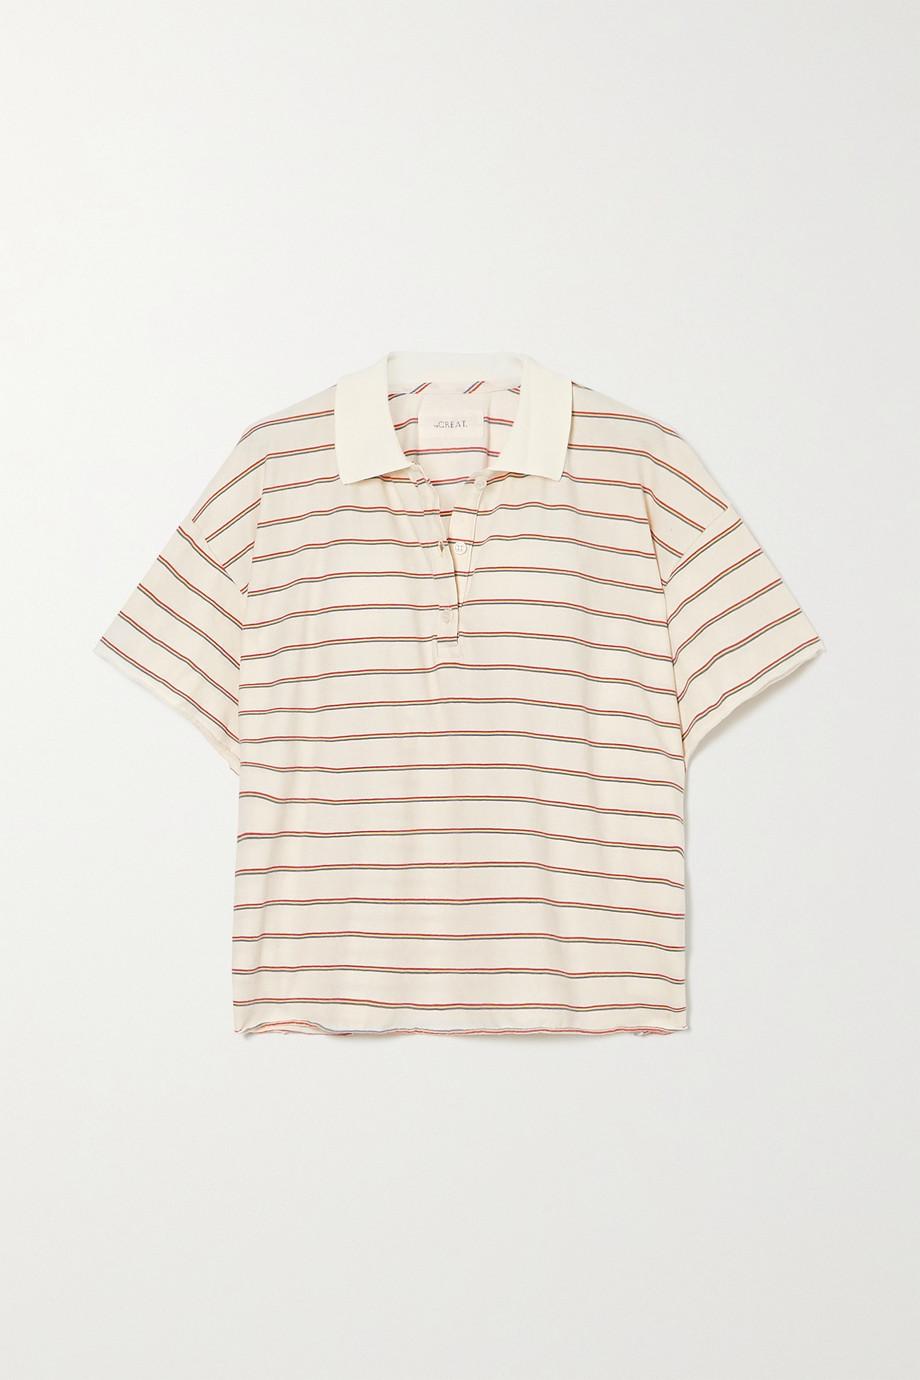 The Great Verkürztes Polohemd aus gestreiftem Baumwoll-Jersey